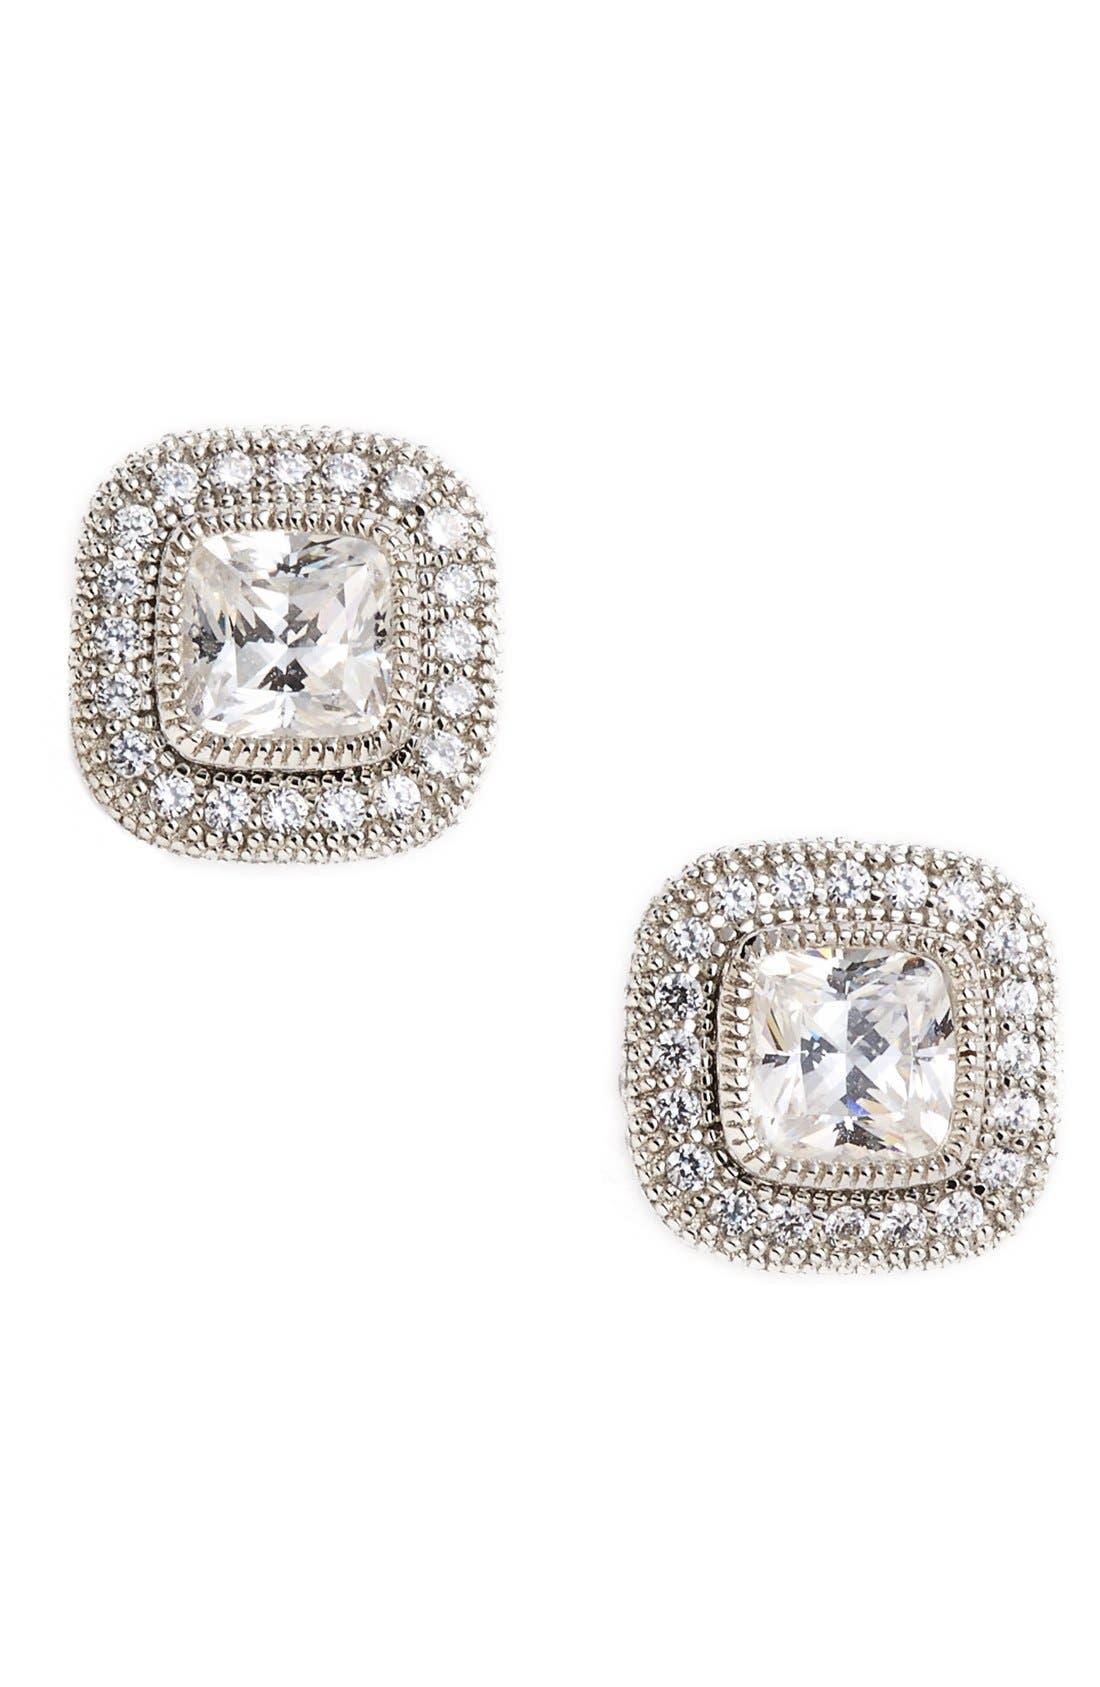 LAFONN 'Lassaire' Square Stud Earrings, Main, color, 040